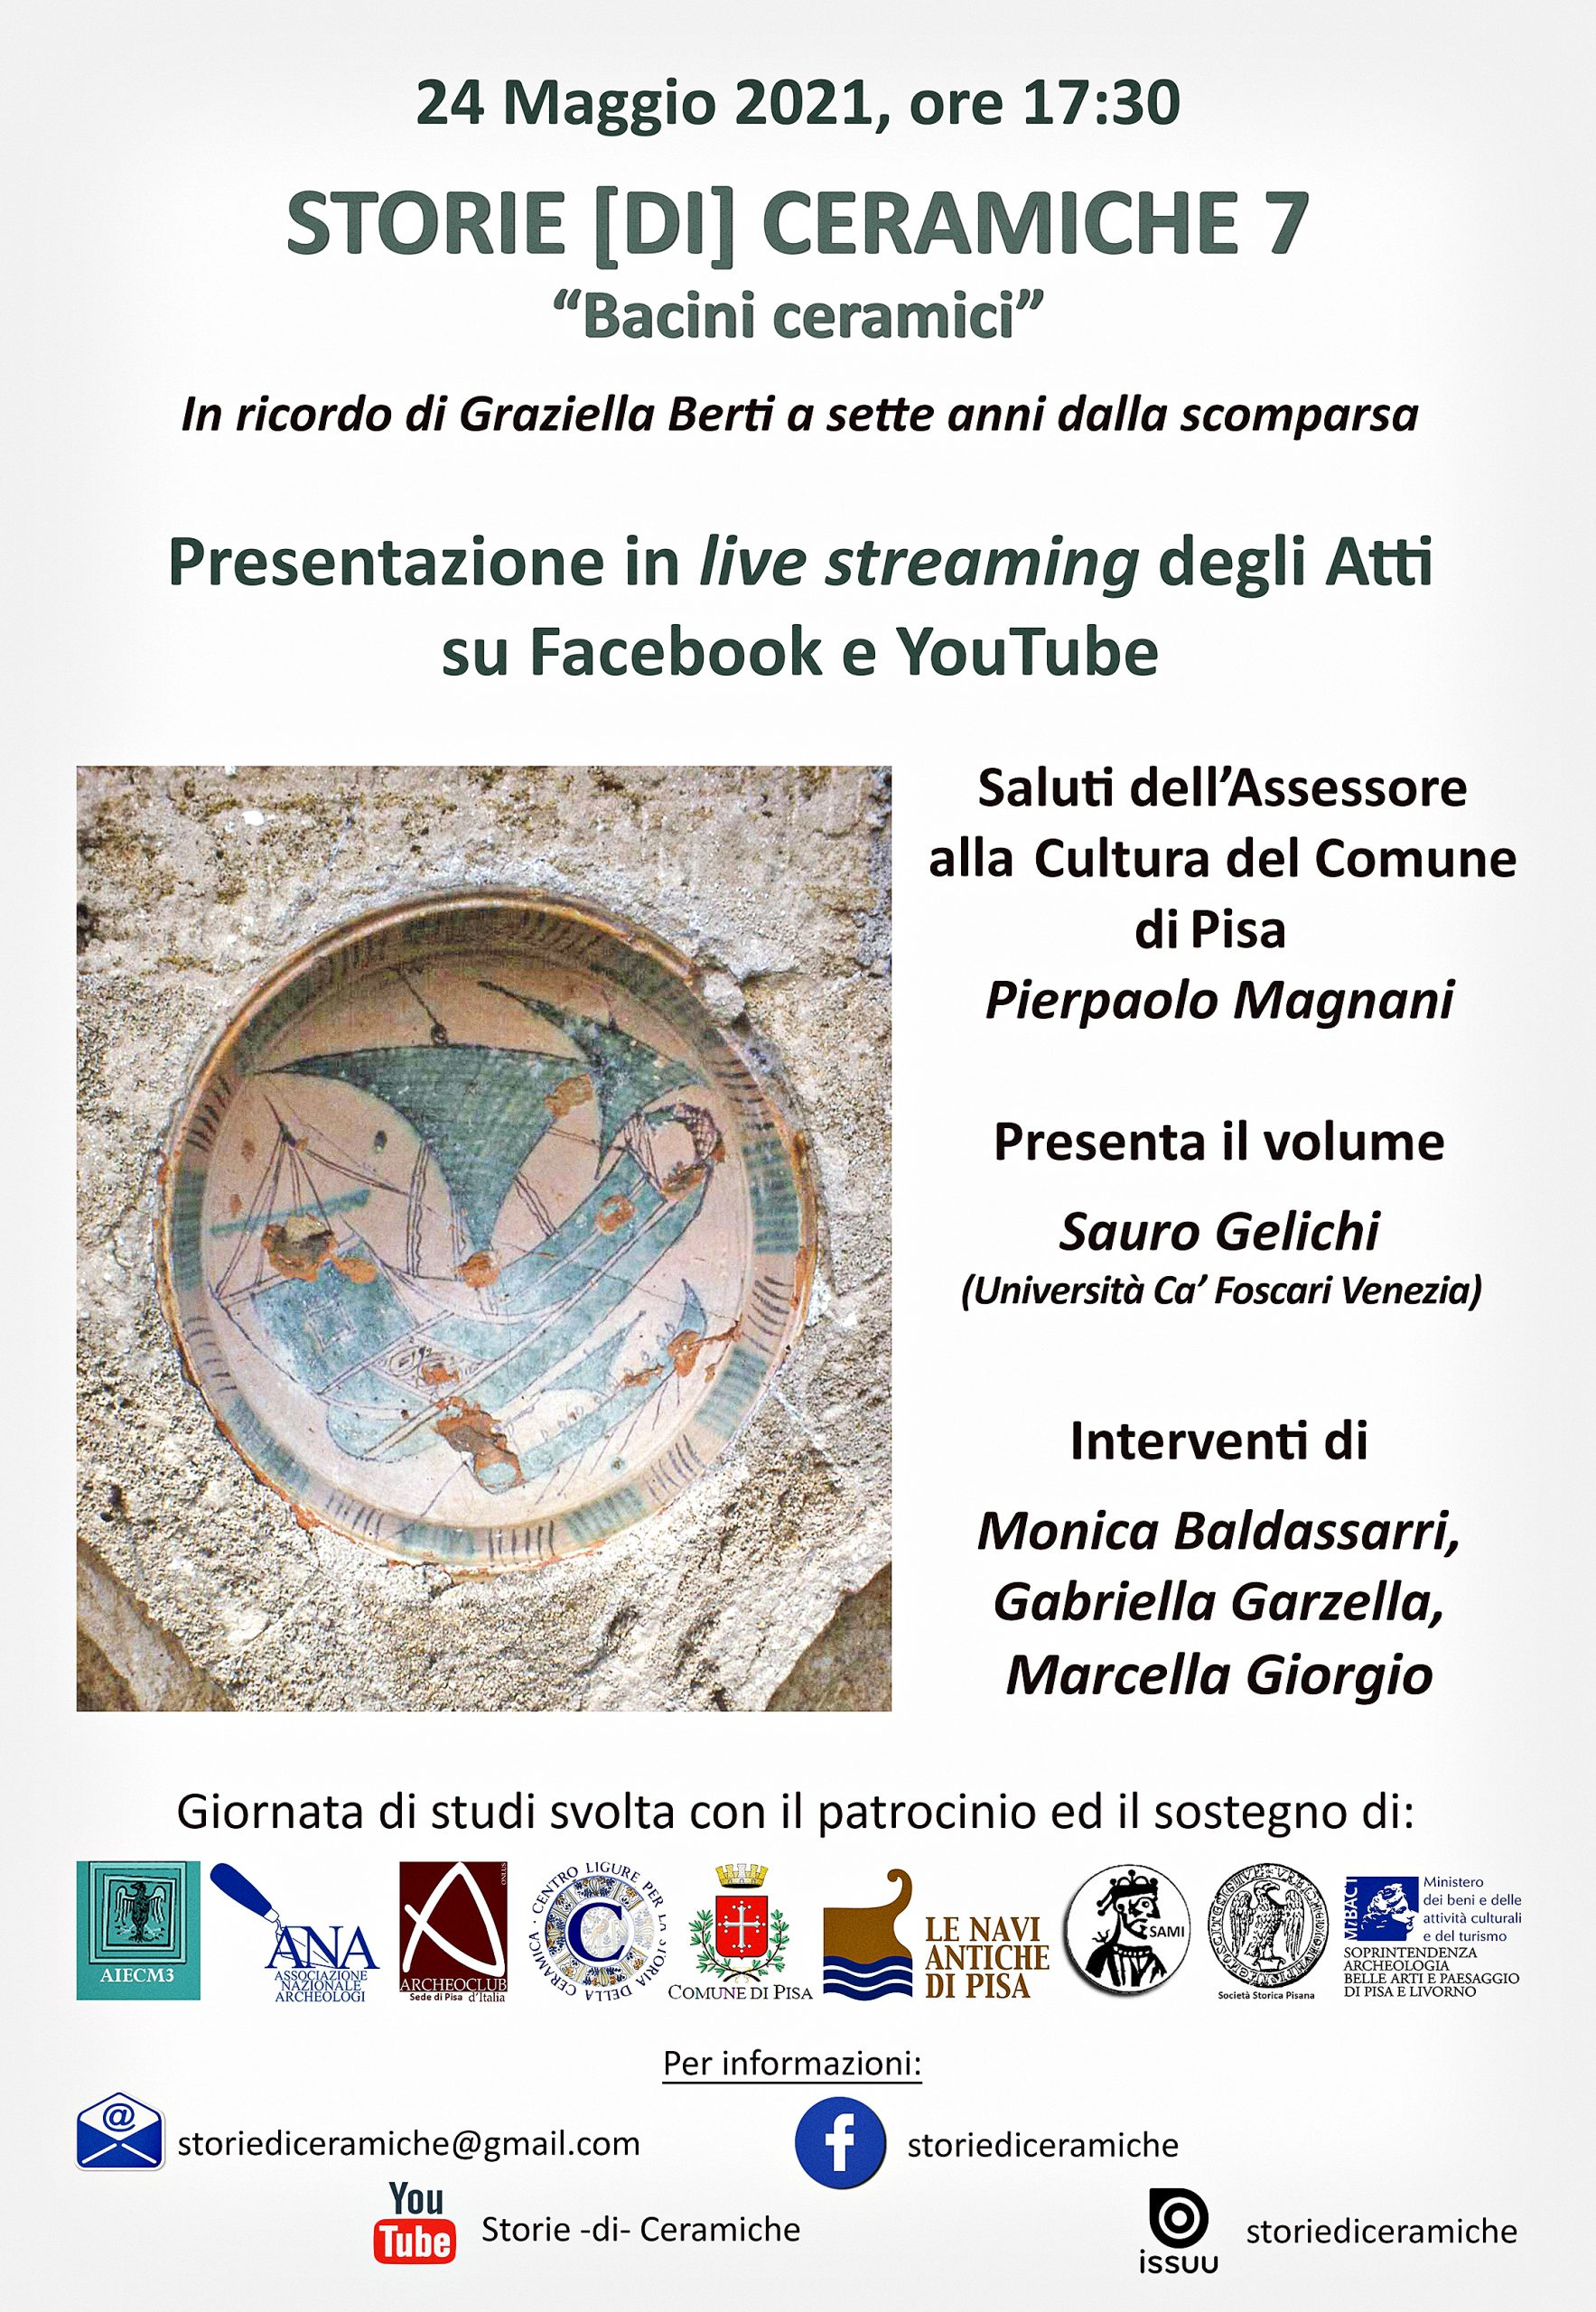 Storie [di] Ceramiche 7, Presentazione, maggio 2021, locandina.